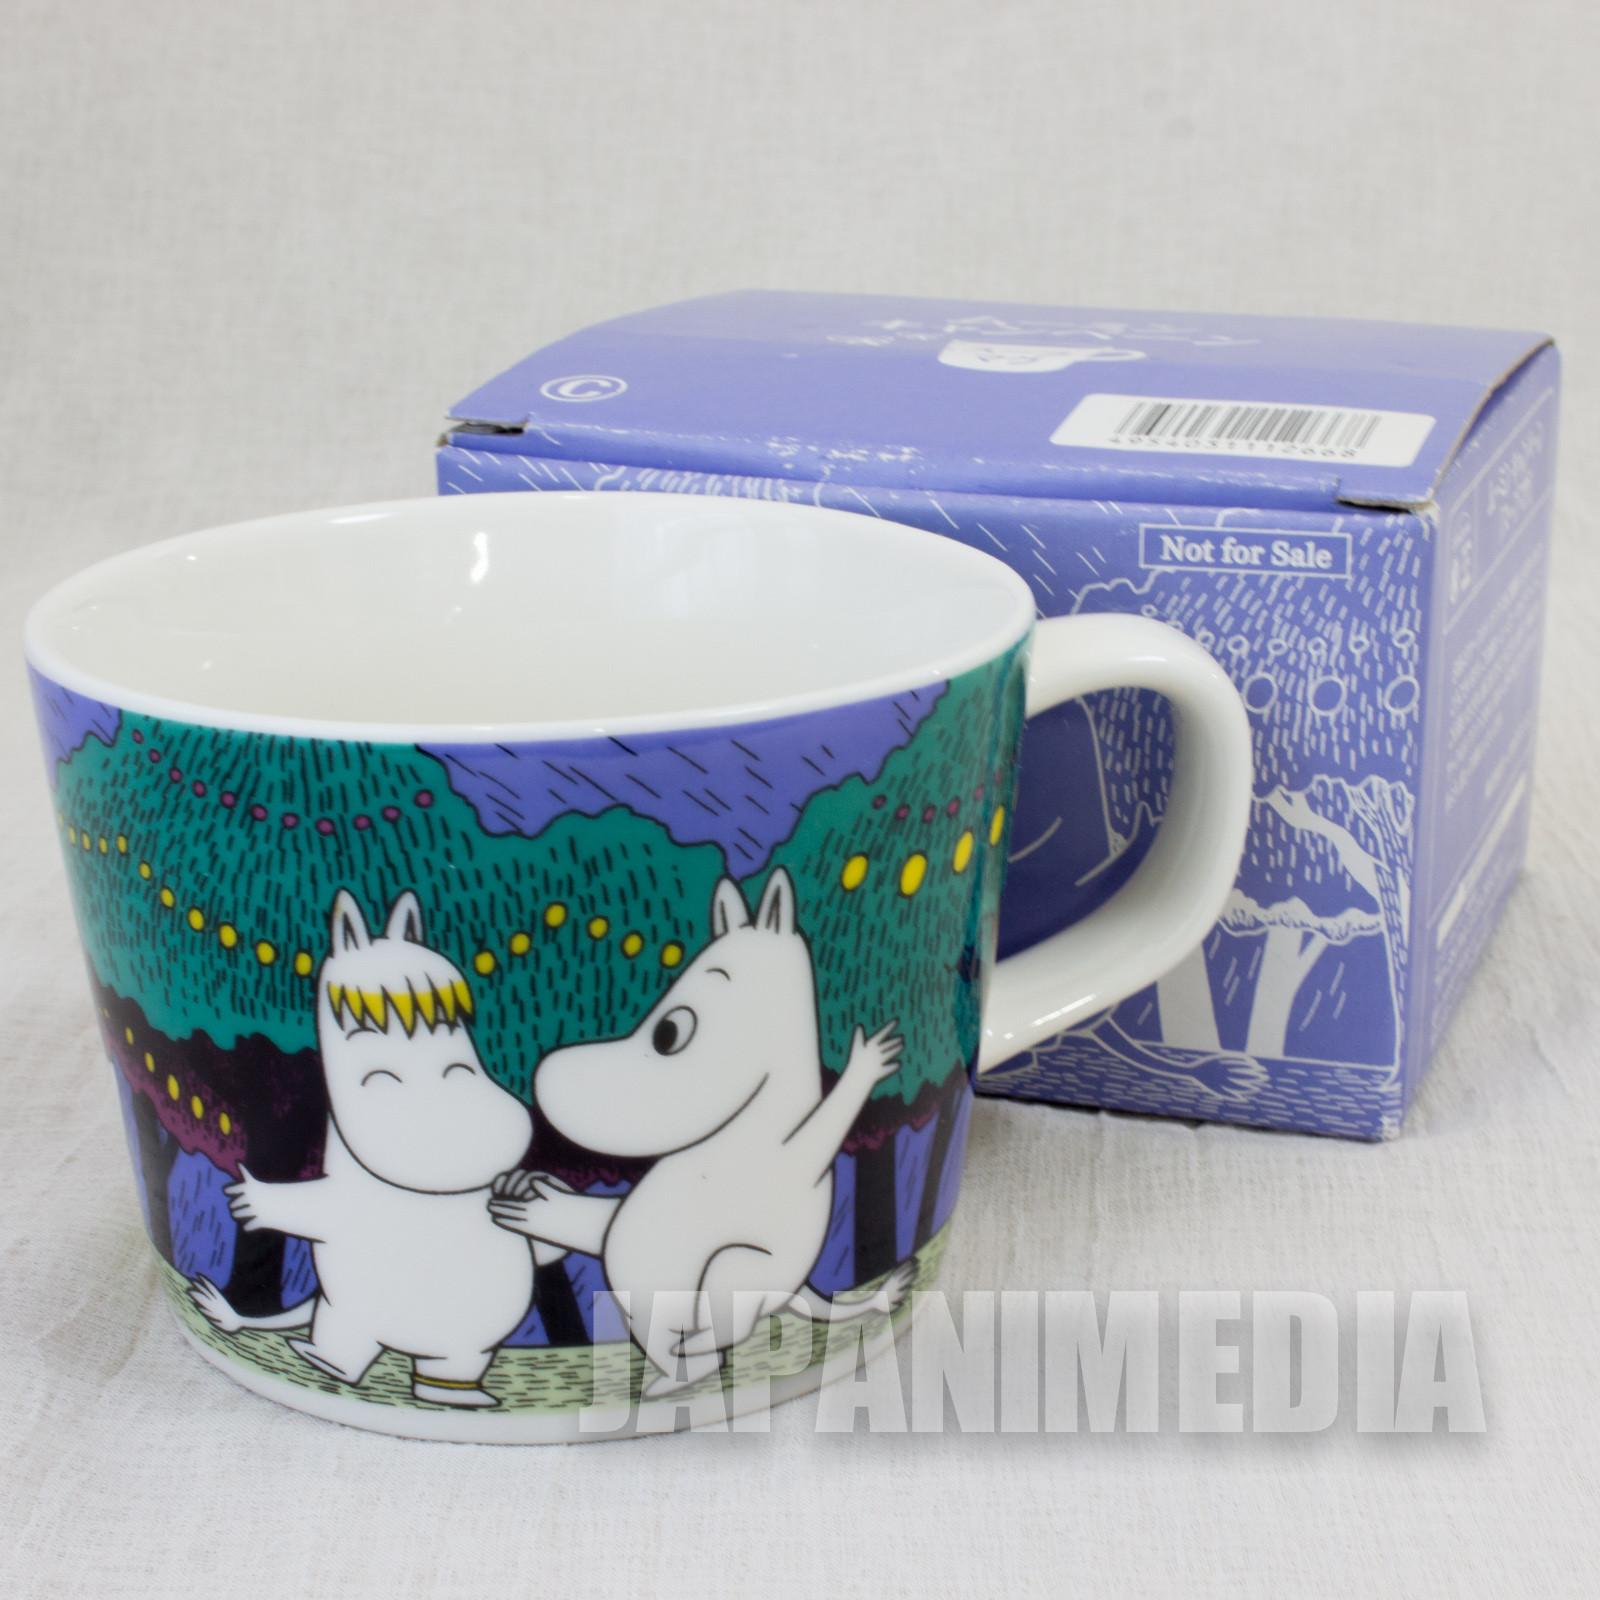 Moomin Soup Mug #C Circle K Sunkus Japan